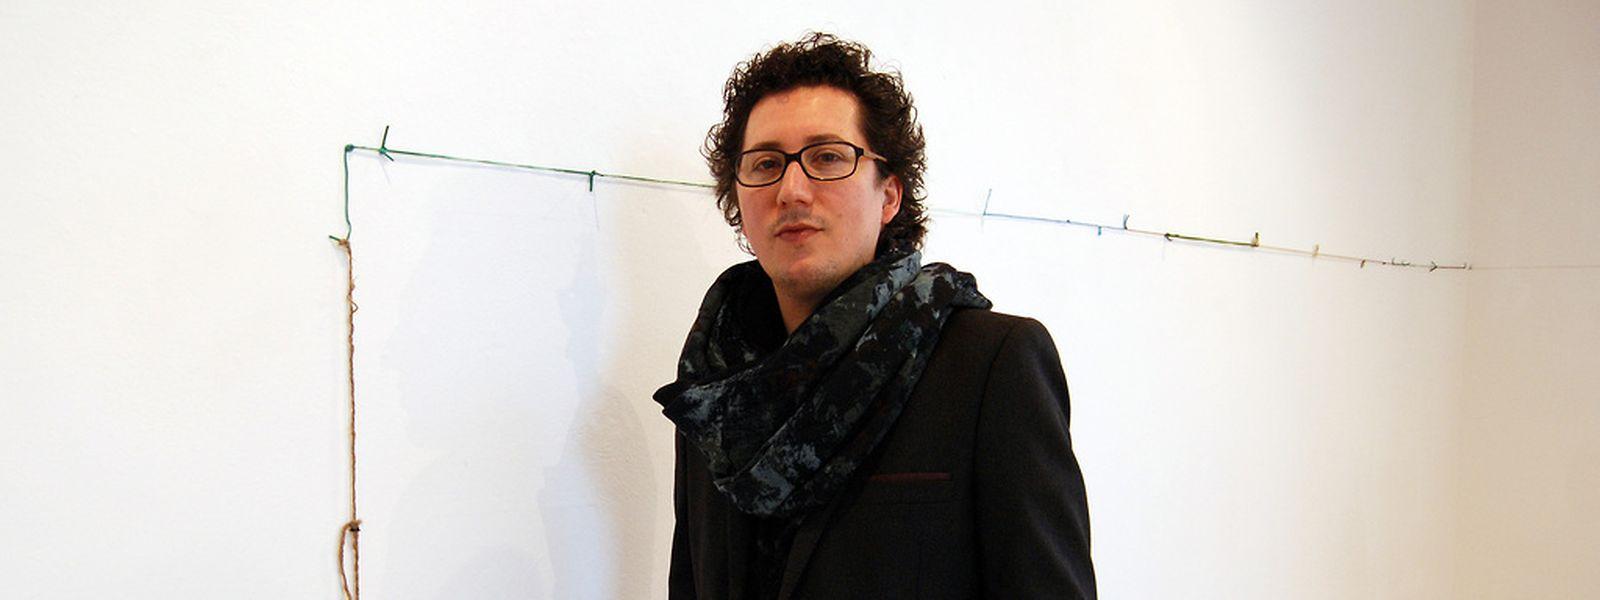 O artista plástico português vai estar esta quarta-feira no Cercle Cité, em plena Place d'Armes, para falar do seu percurso artístico